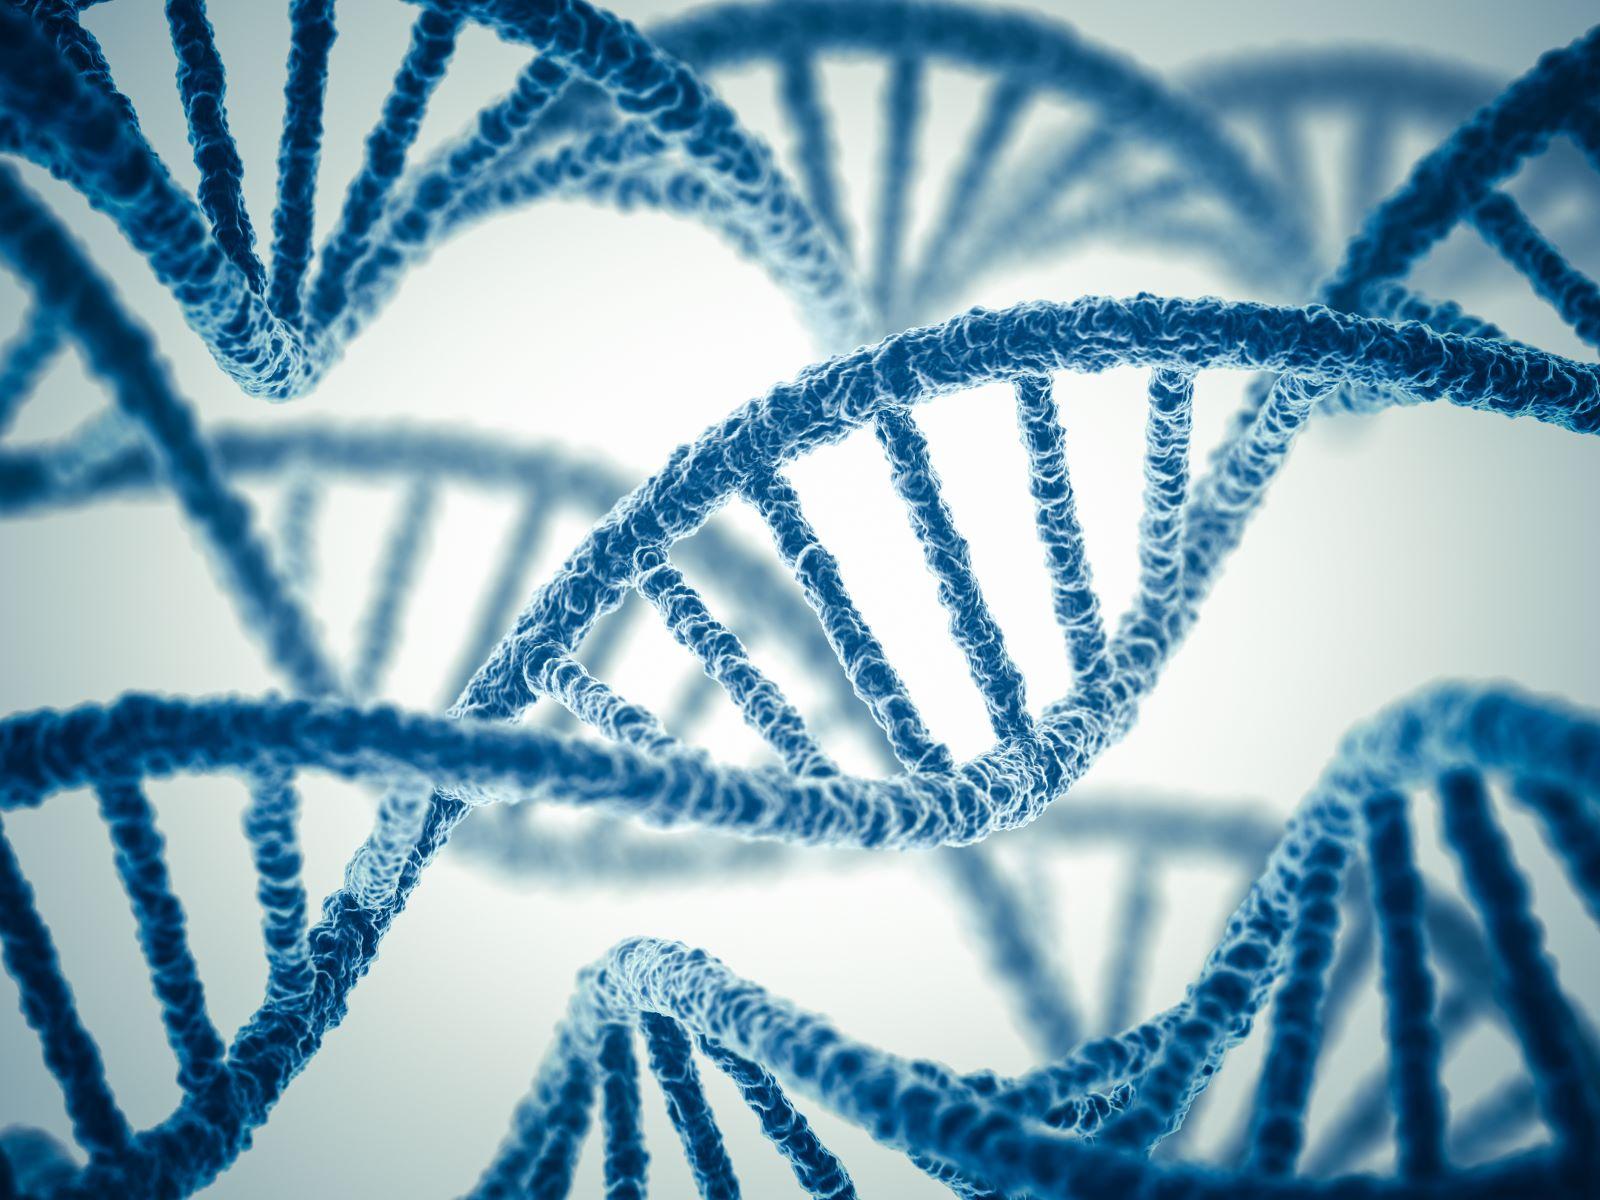 Ο Χρήστος Δάκας στο healthweb : Γονιδιακή θεραπεία: Νέα θεραπευτική προσέγγιση για ασθενείς με SMA